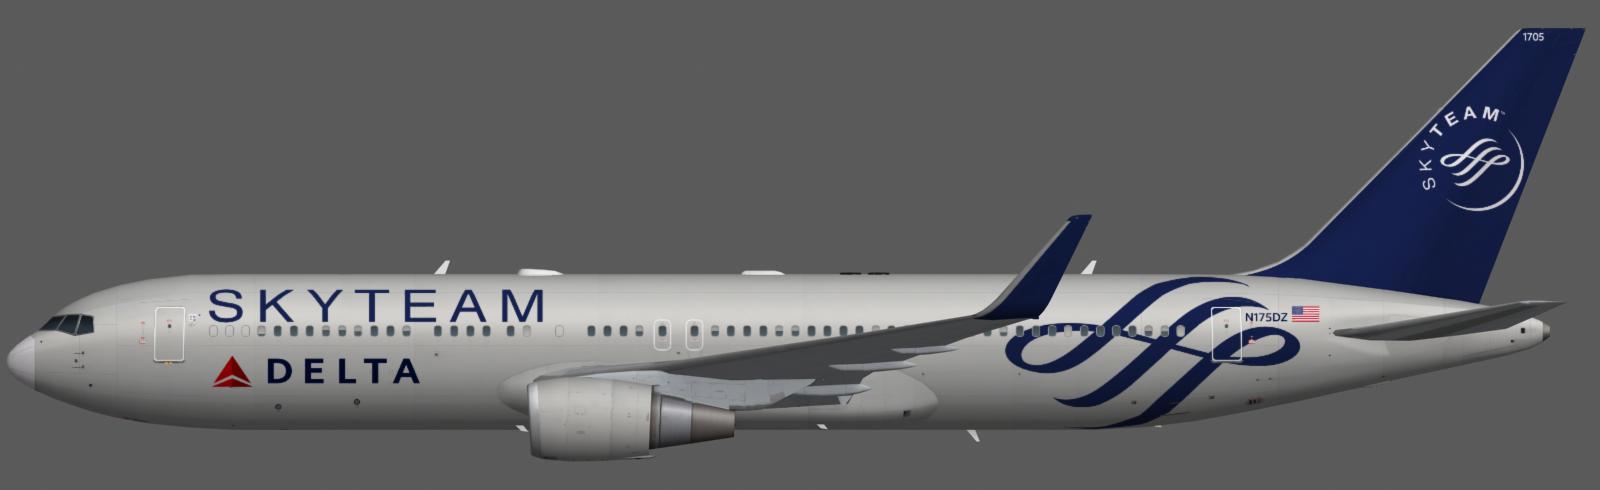 Delta Air Lines 767-300 | FAIB - FSX AI Bureau